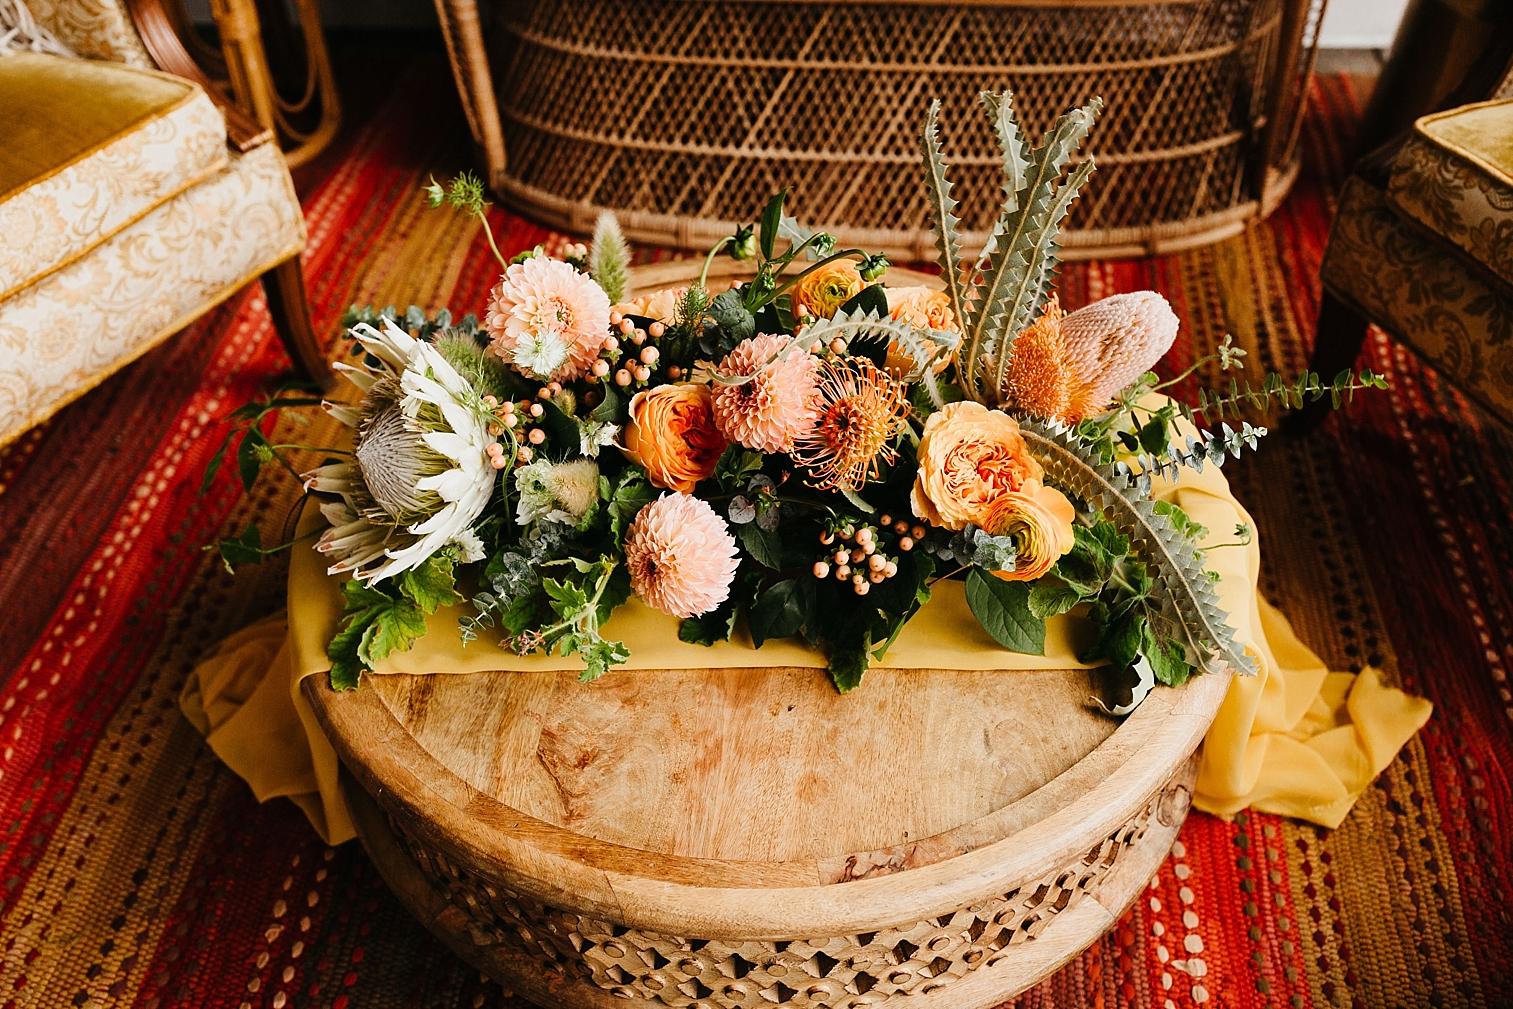 Fruitcraft-Hillcrest-San-Diego-Wedding-75.jpg